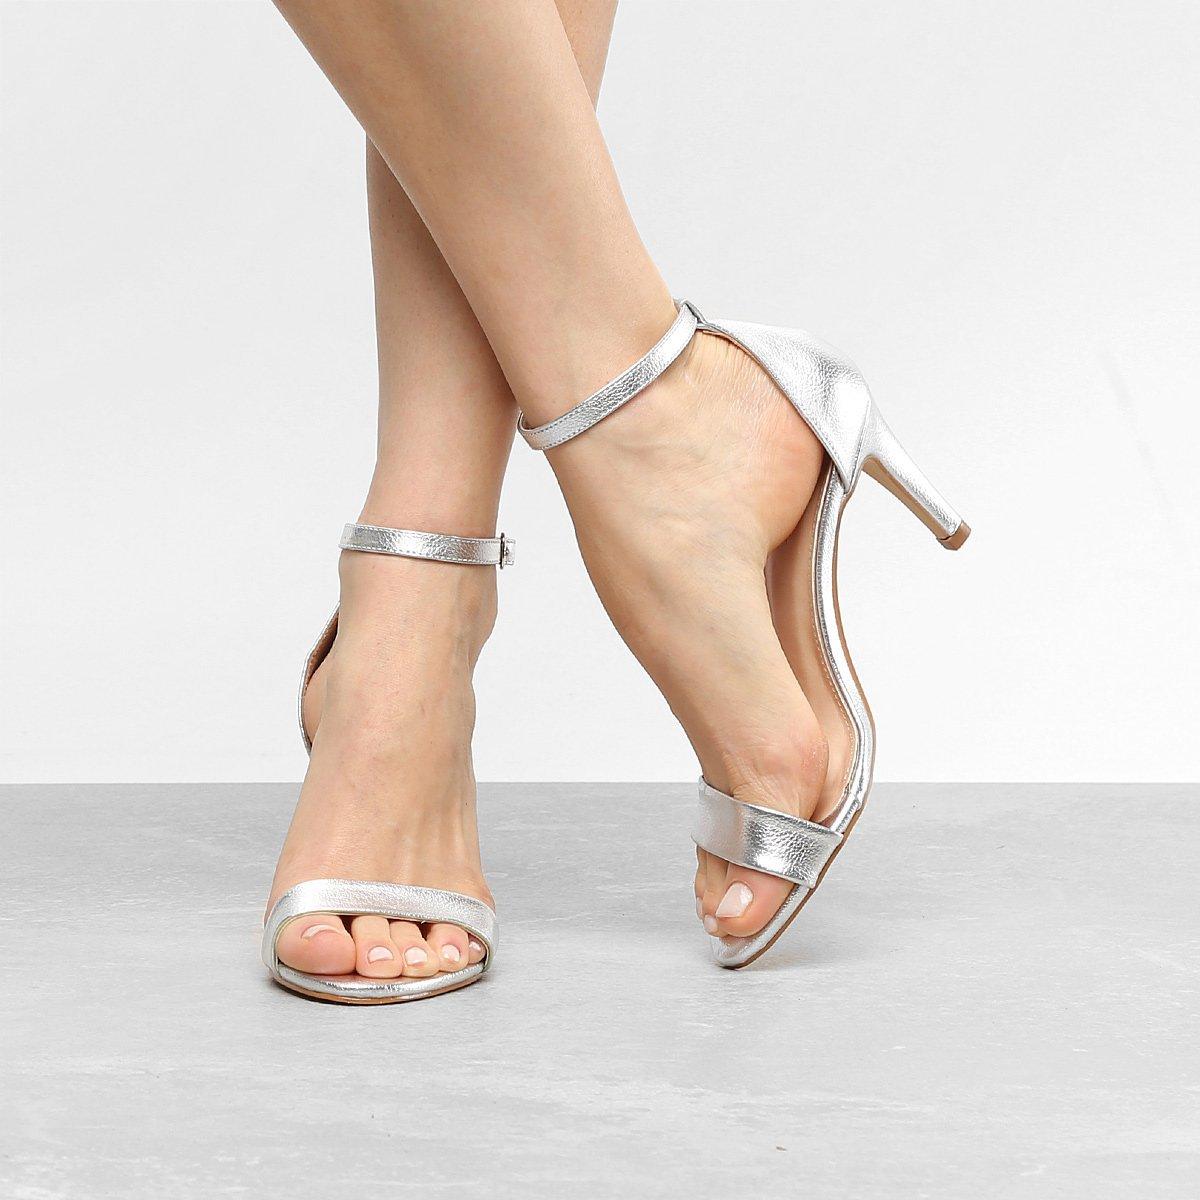 02df022aca Sandália Couro Shoestock Salto Médio Naked Feminina | Livelo -Sua Vida com  Mais Recompensas